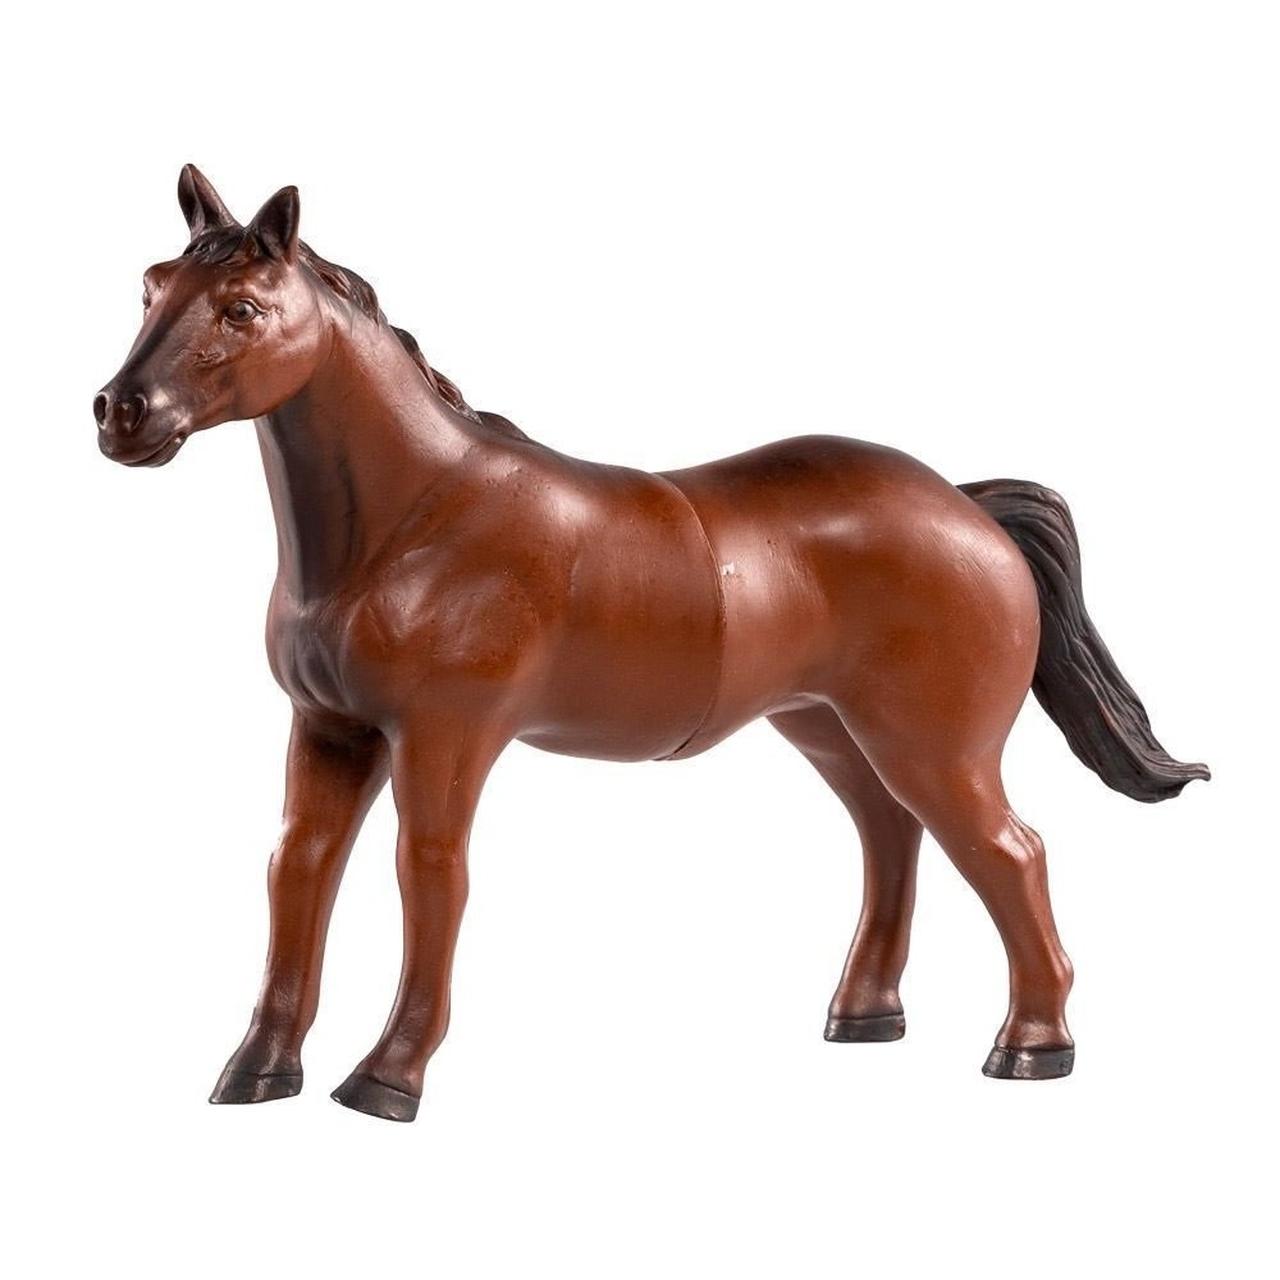 Brinquedo Boneco De Vinil Cavalos Cavalo Marrom de Vinil - Db Play